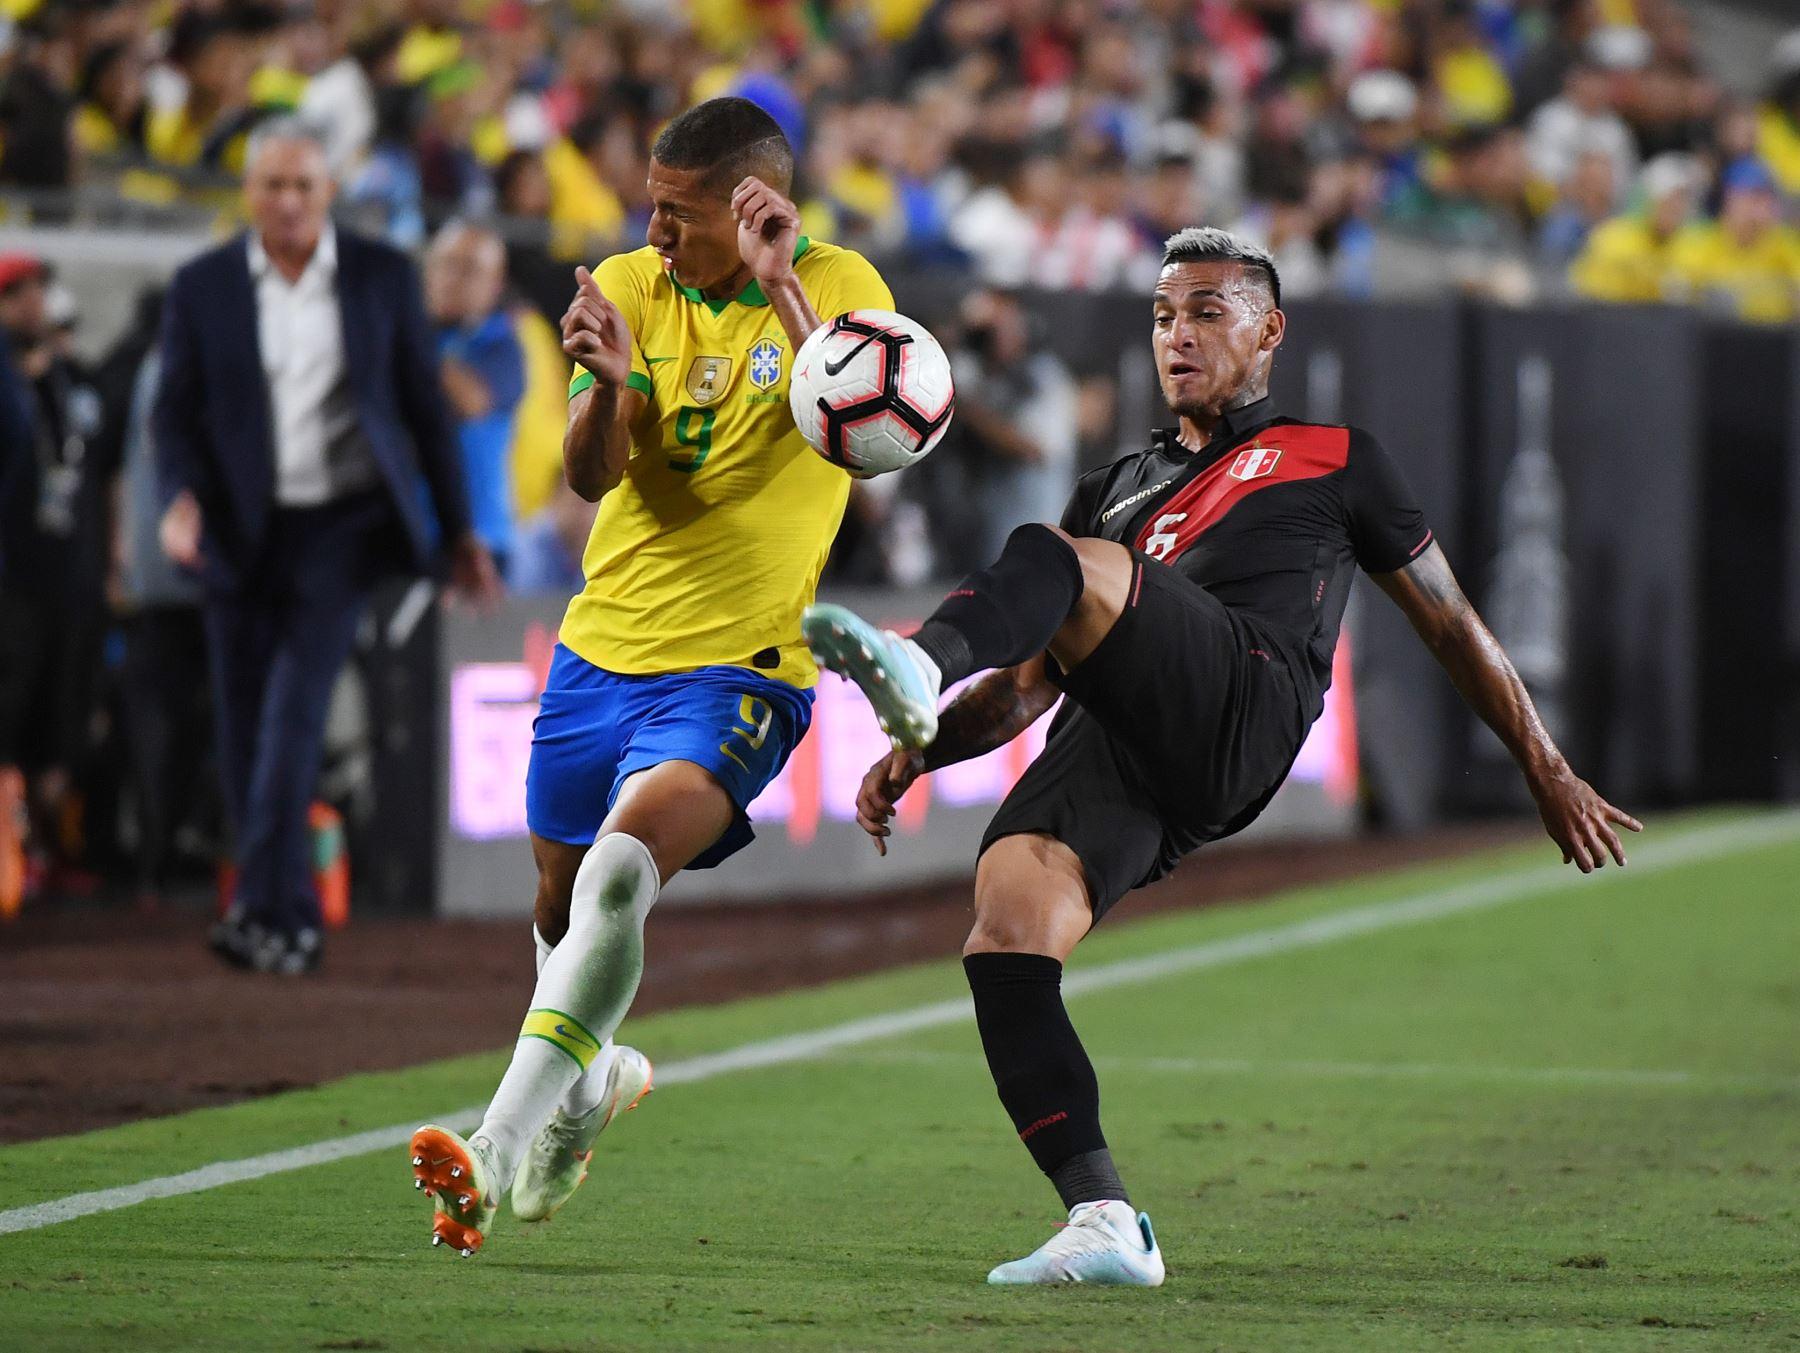 Richarlison de Brasil (L) es abordado por Miguel Trauco de Perú (R) durante el partido amistoso de fútbol internacional entre Brasil y Perú en el Los Angeles Memorial Coliseum, en Los Ángeles, California, el 10 de septiembre de 2019. Foto: AFP